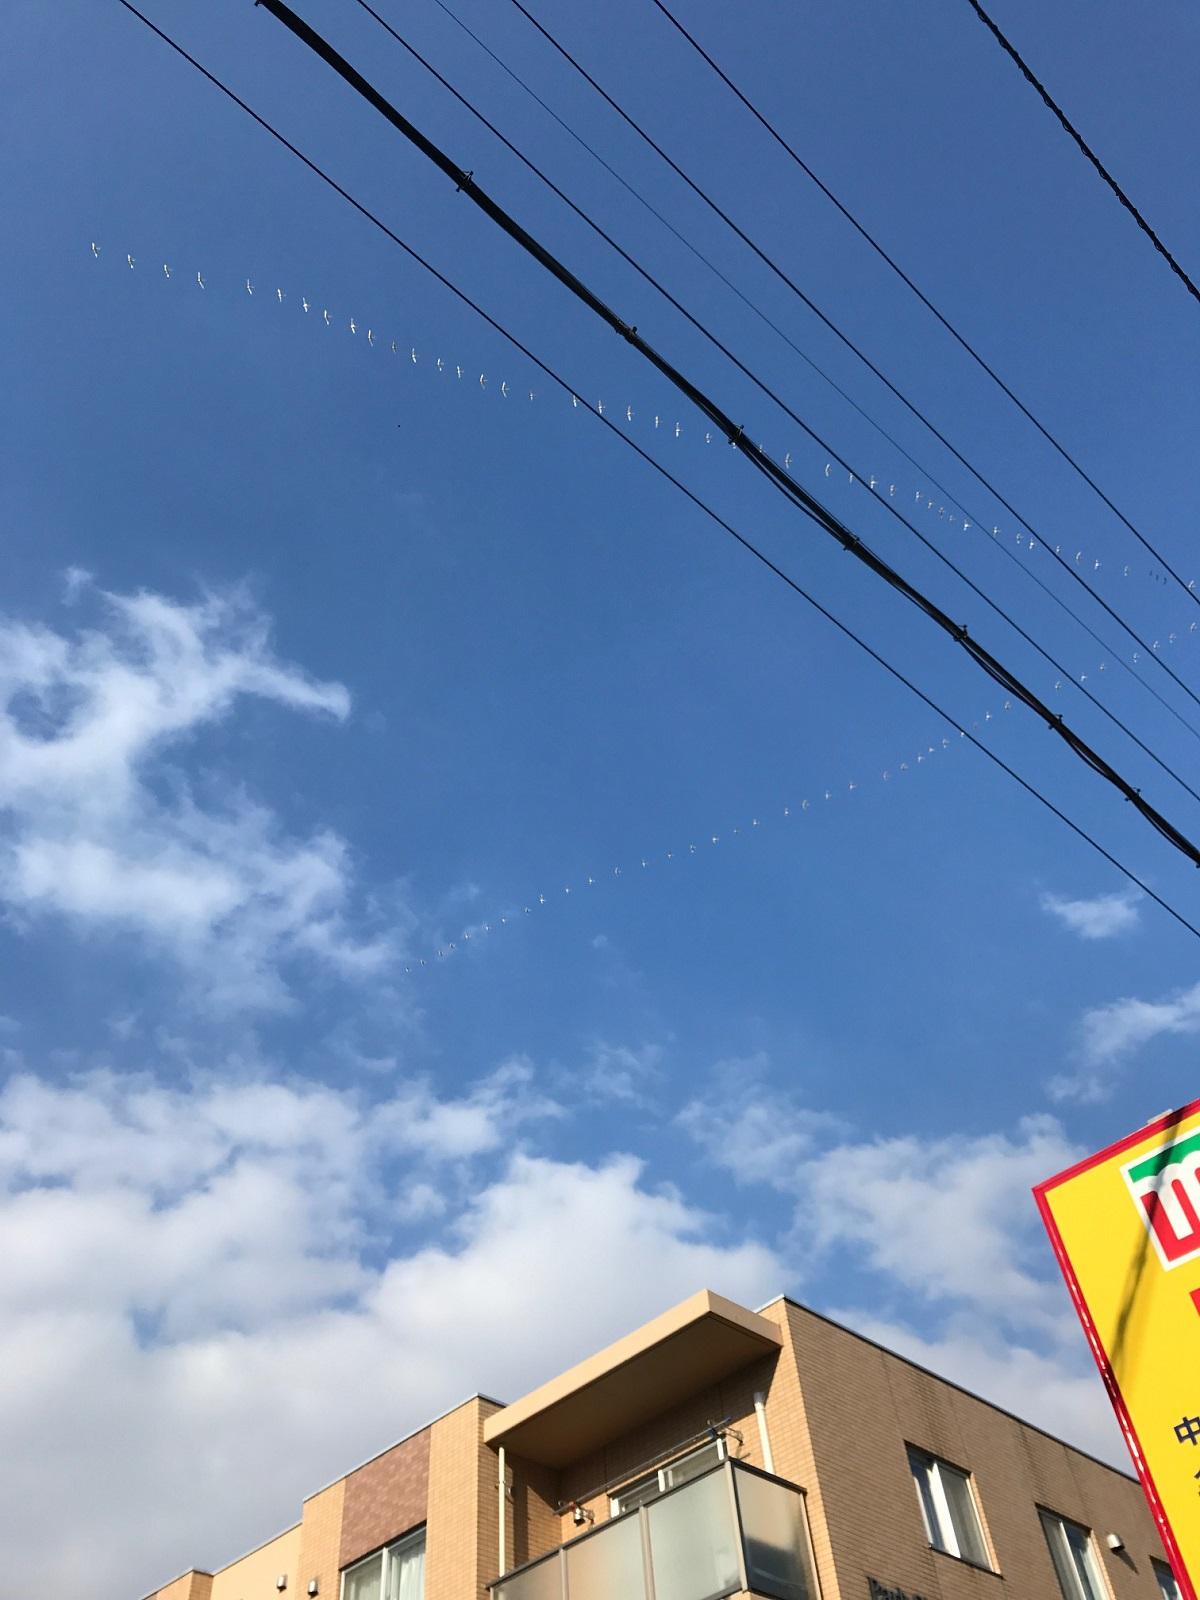 http://blog.iwate-eco.jp/2017/03/13/IMG_0646.jpg